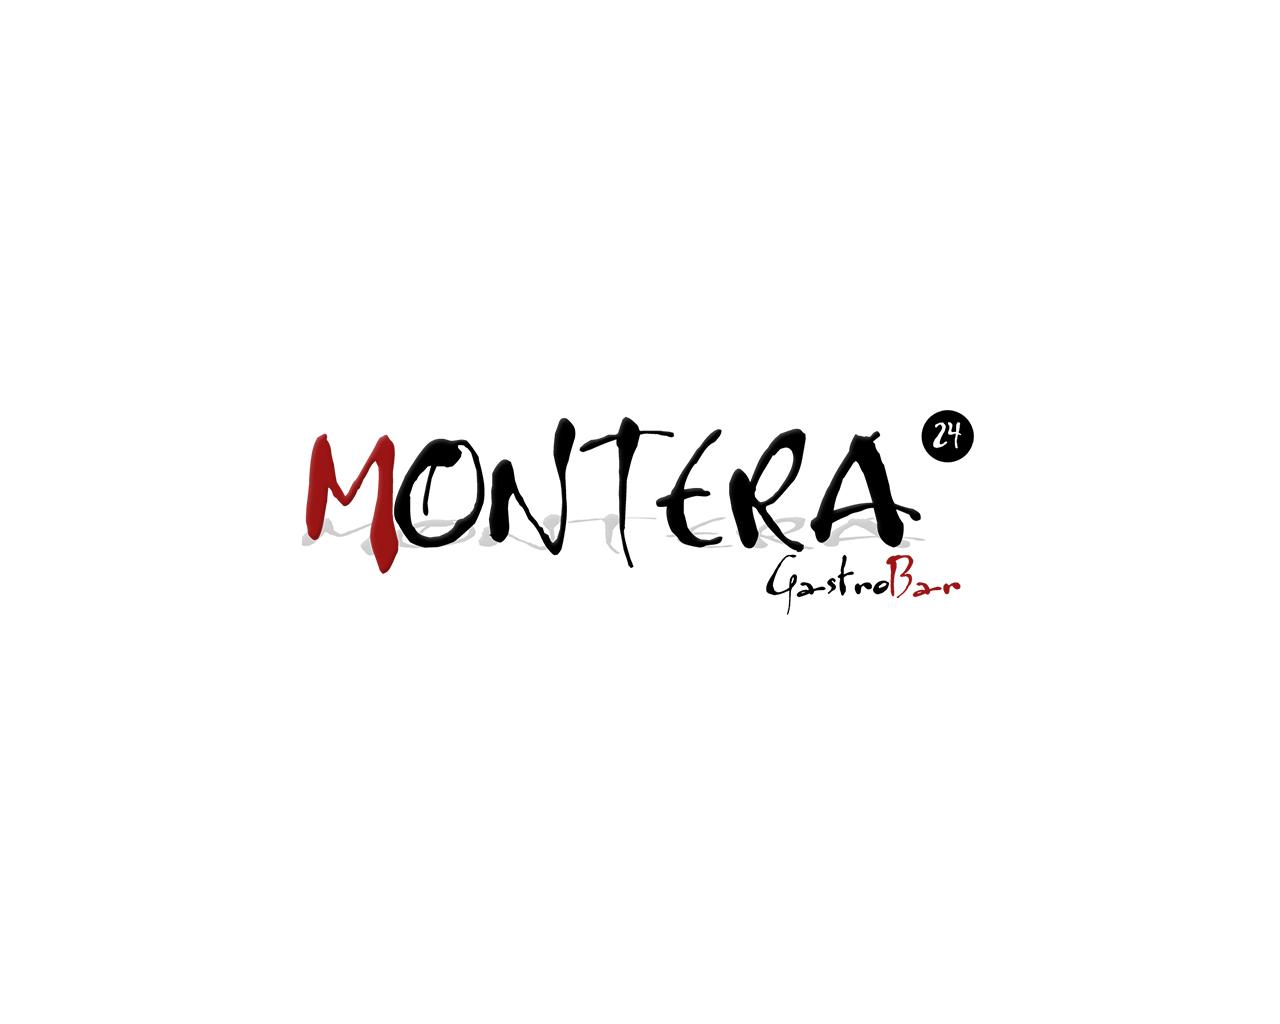 Logo Montera 24